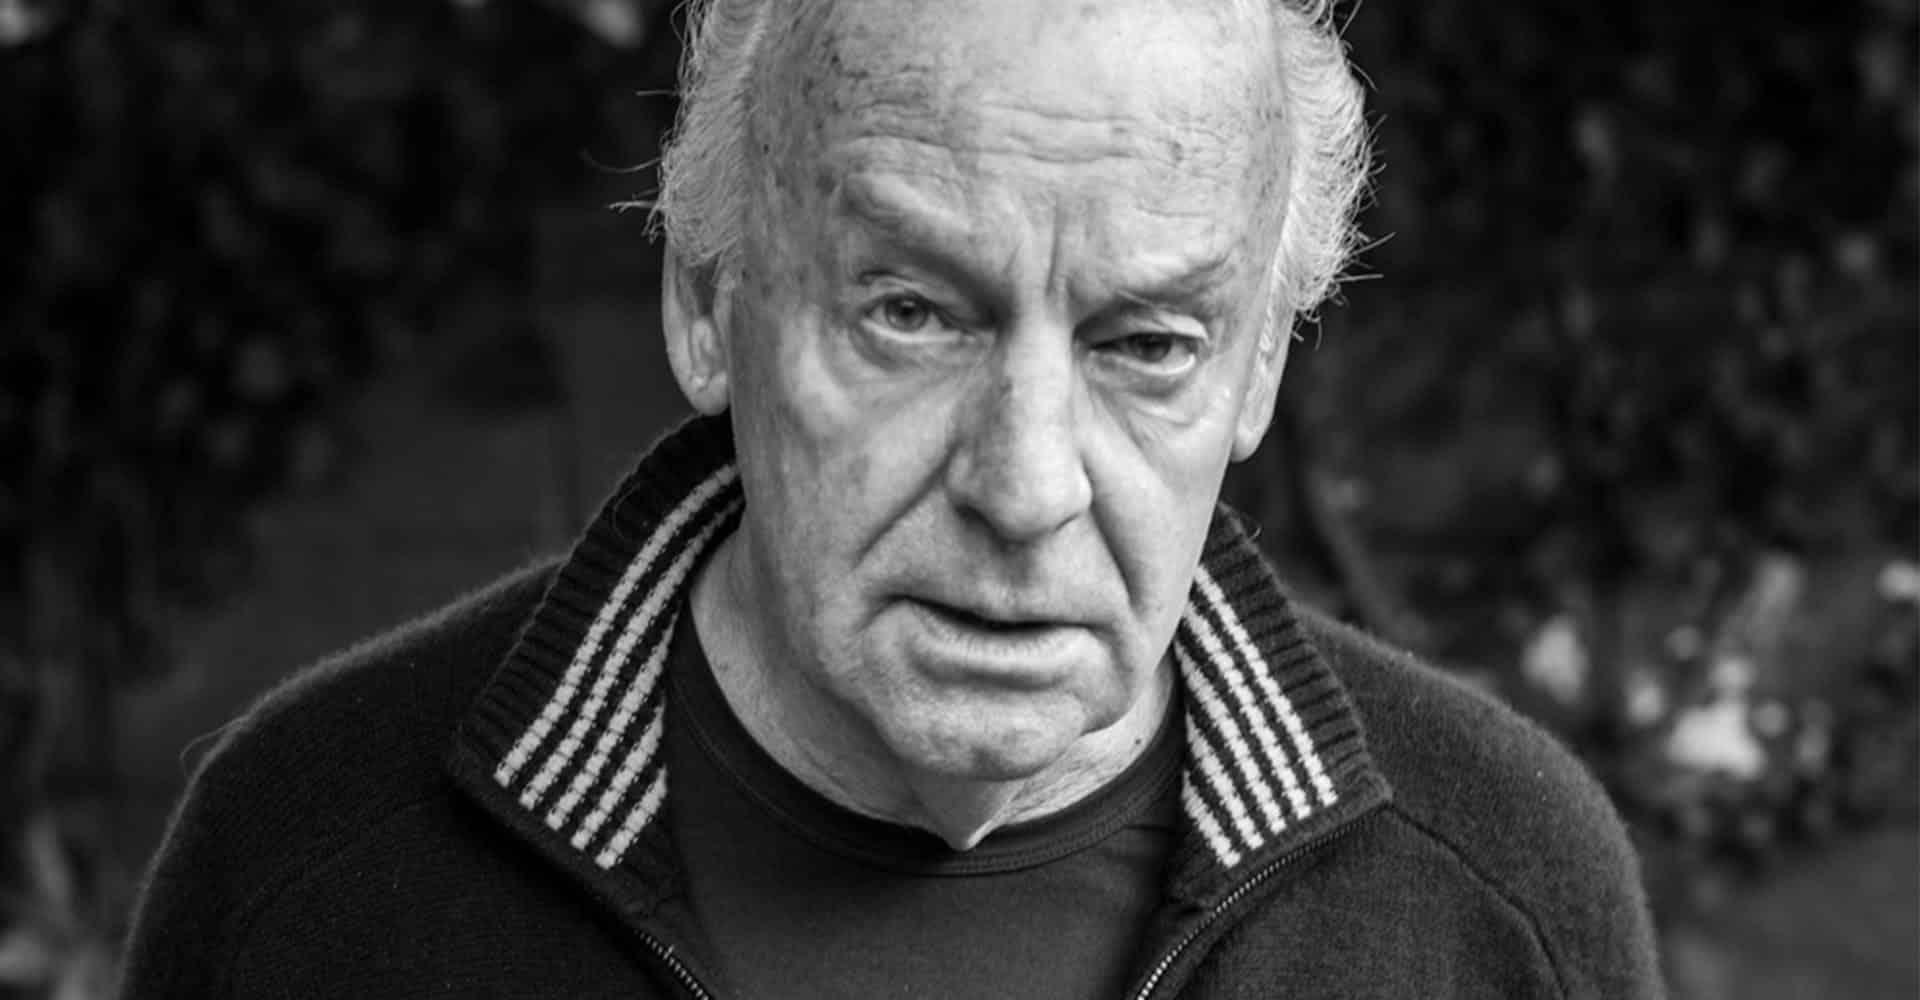 El rey que no fue: Un brevísimo texto de Eduardo Galeano